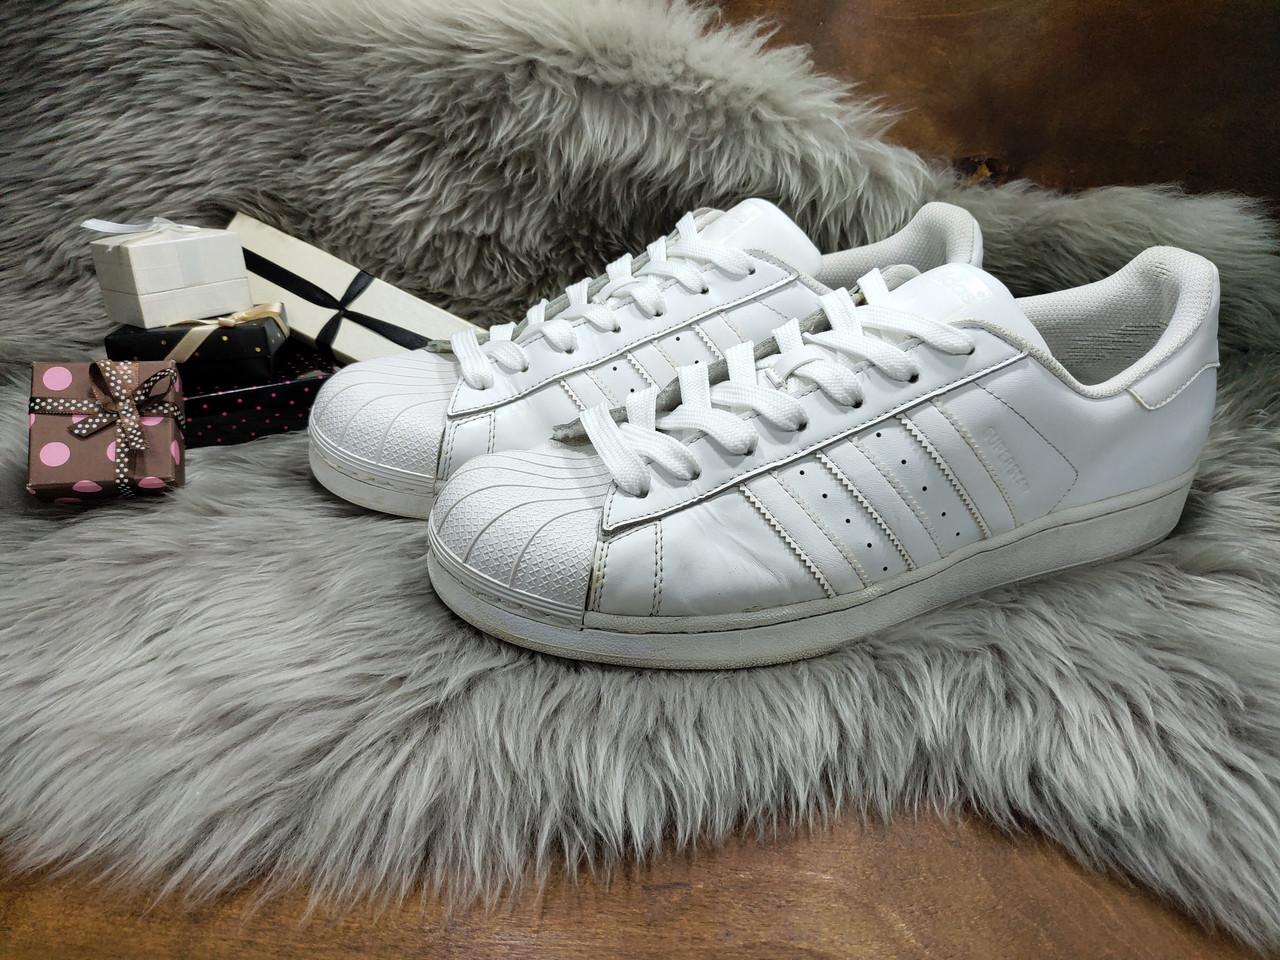 Мужские кроссовки Adidas Superstar (47 размер) бу